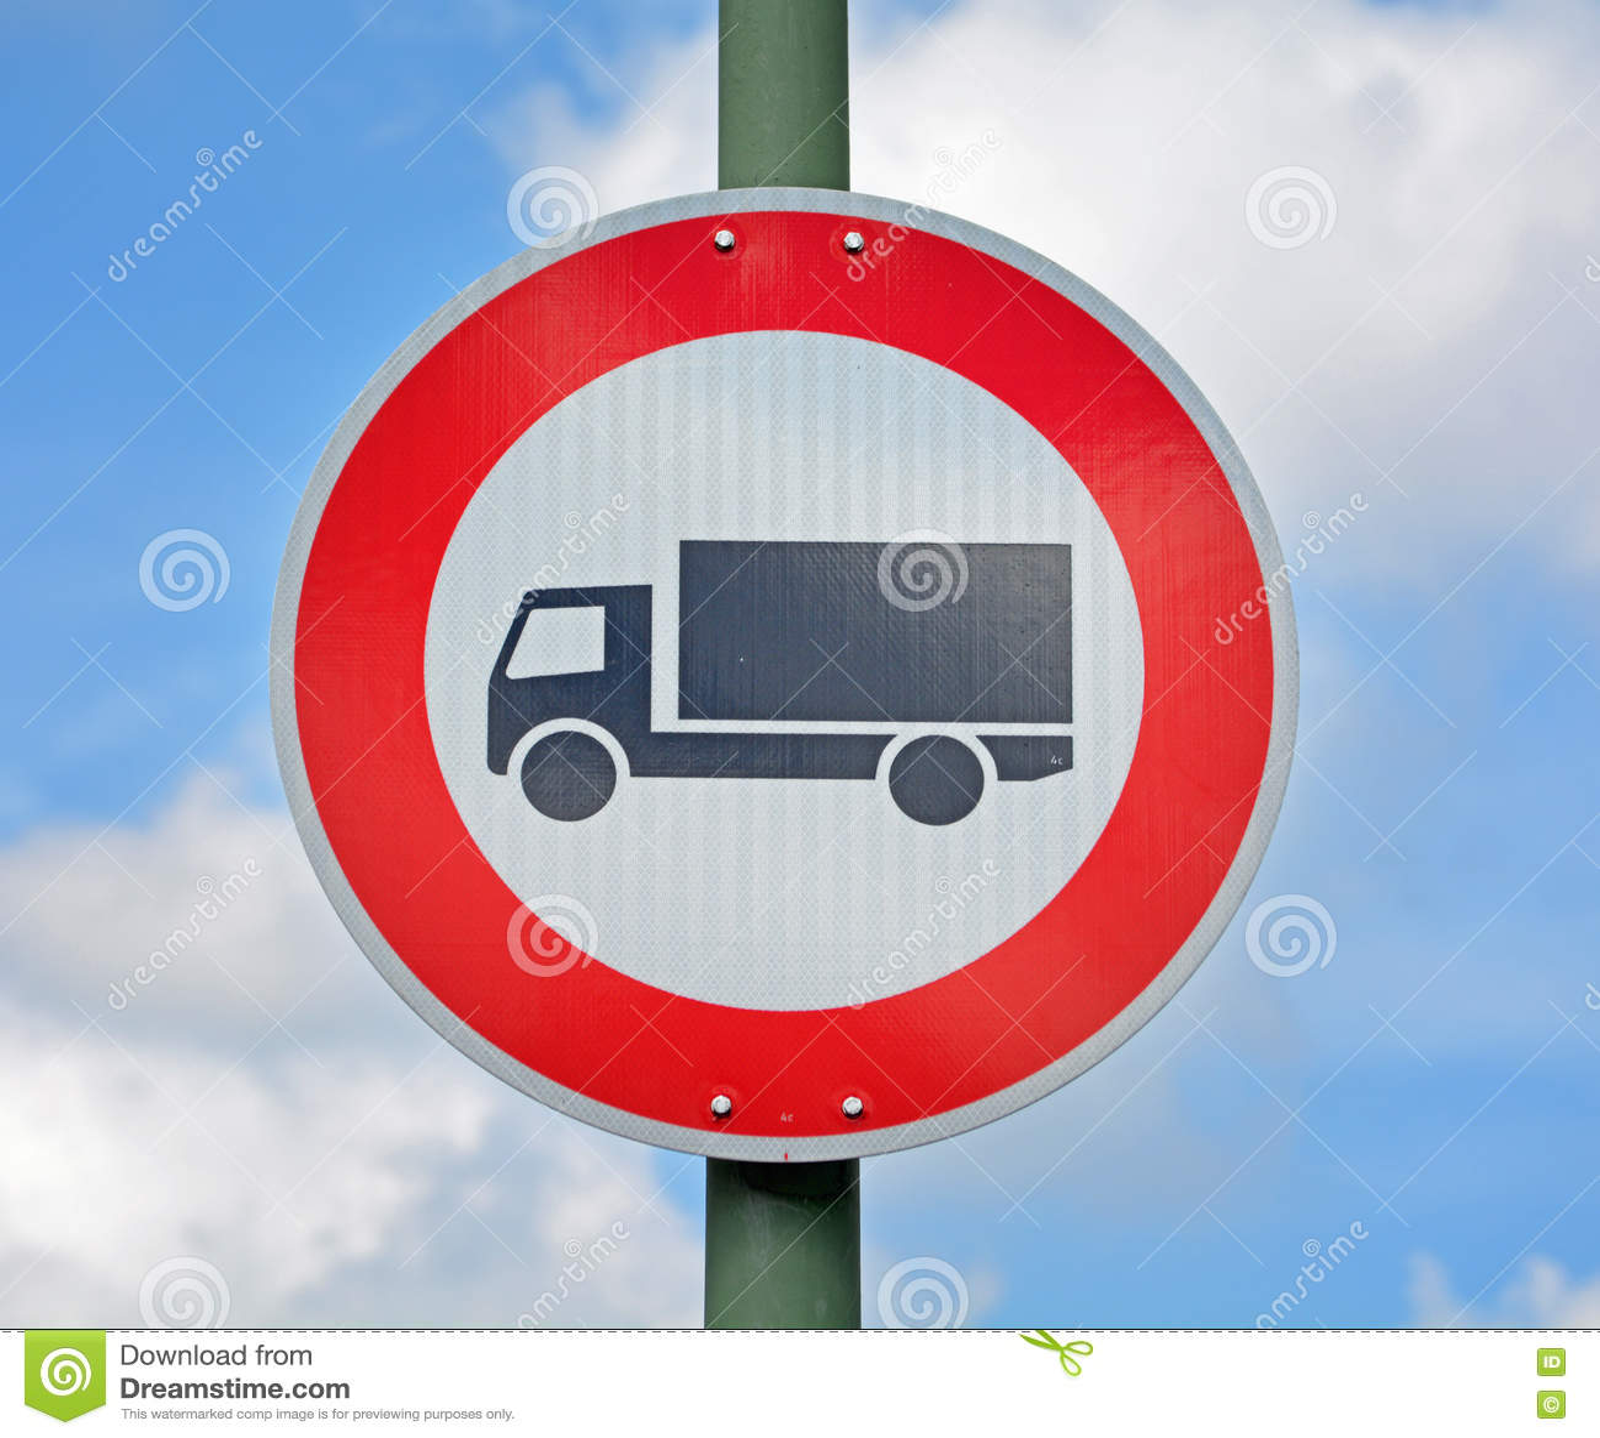 δεν επέτρεψε κανένα truck